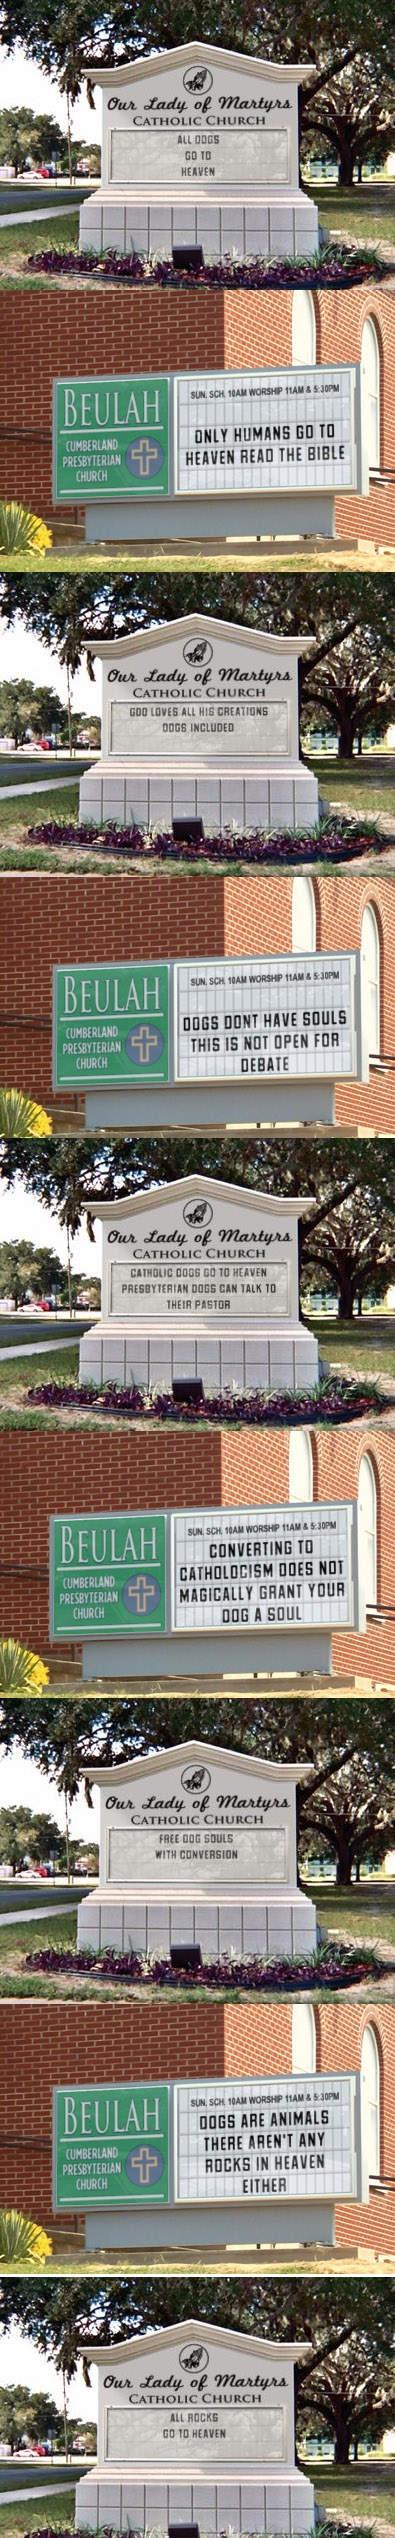 church-signs-debate